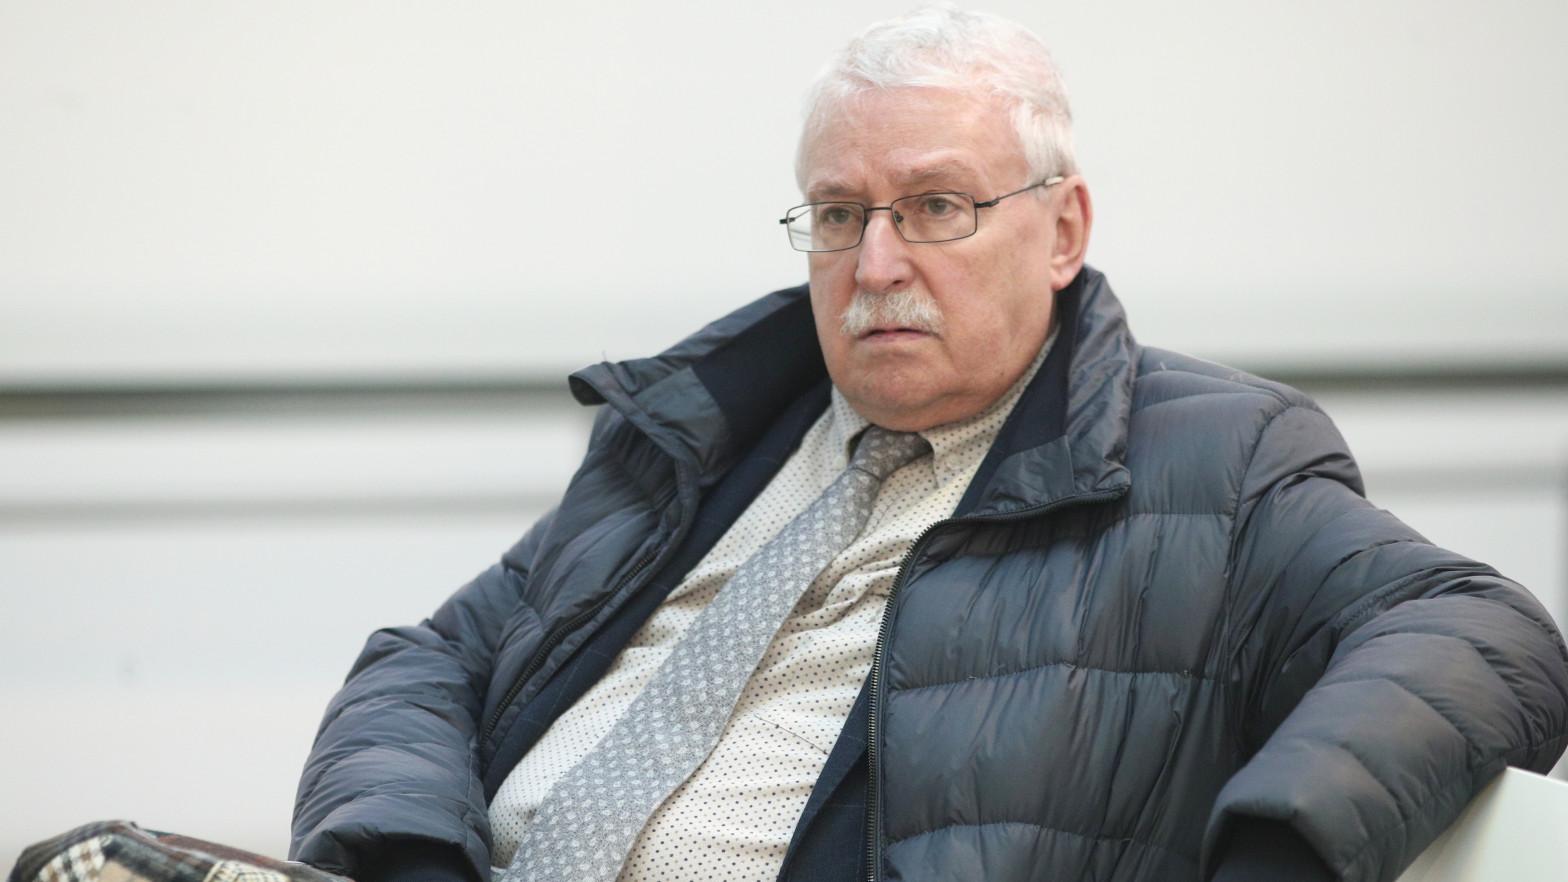 Una docena de exaltos cargos de Leguina se conjuran contra Sánchez para movilizar a los barones